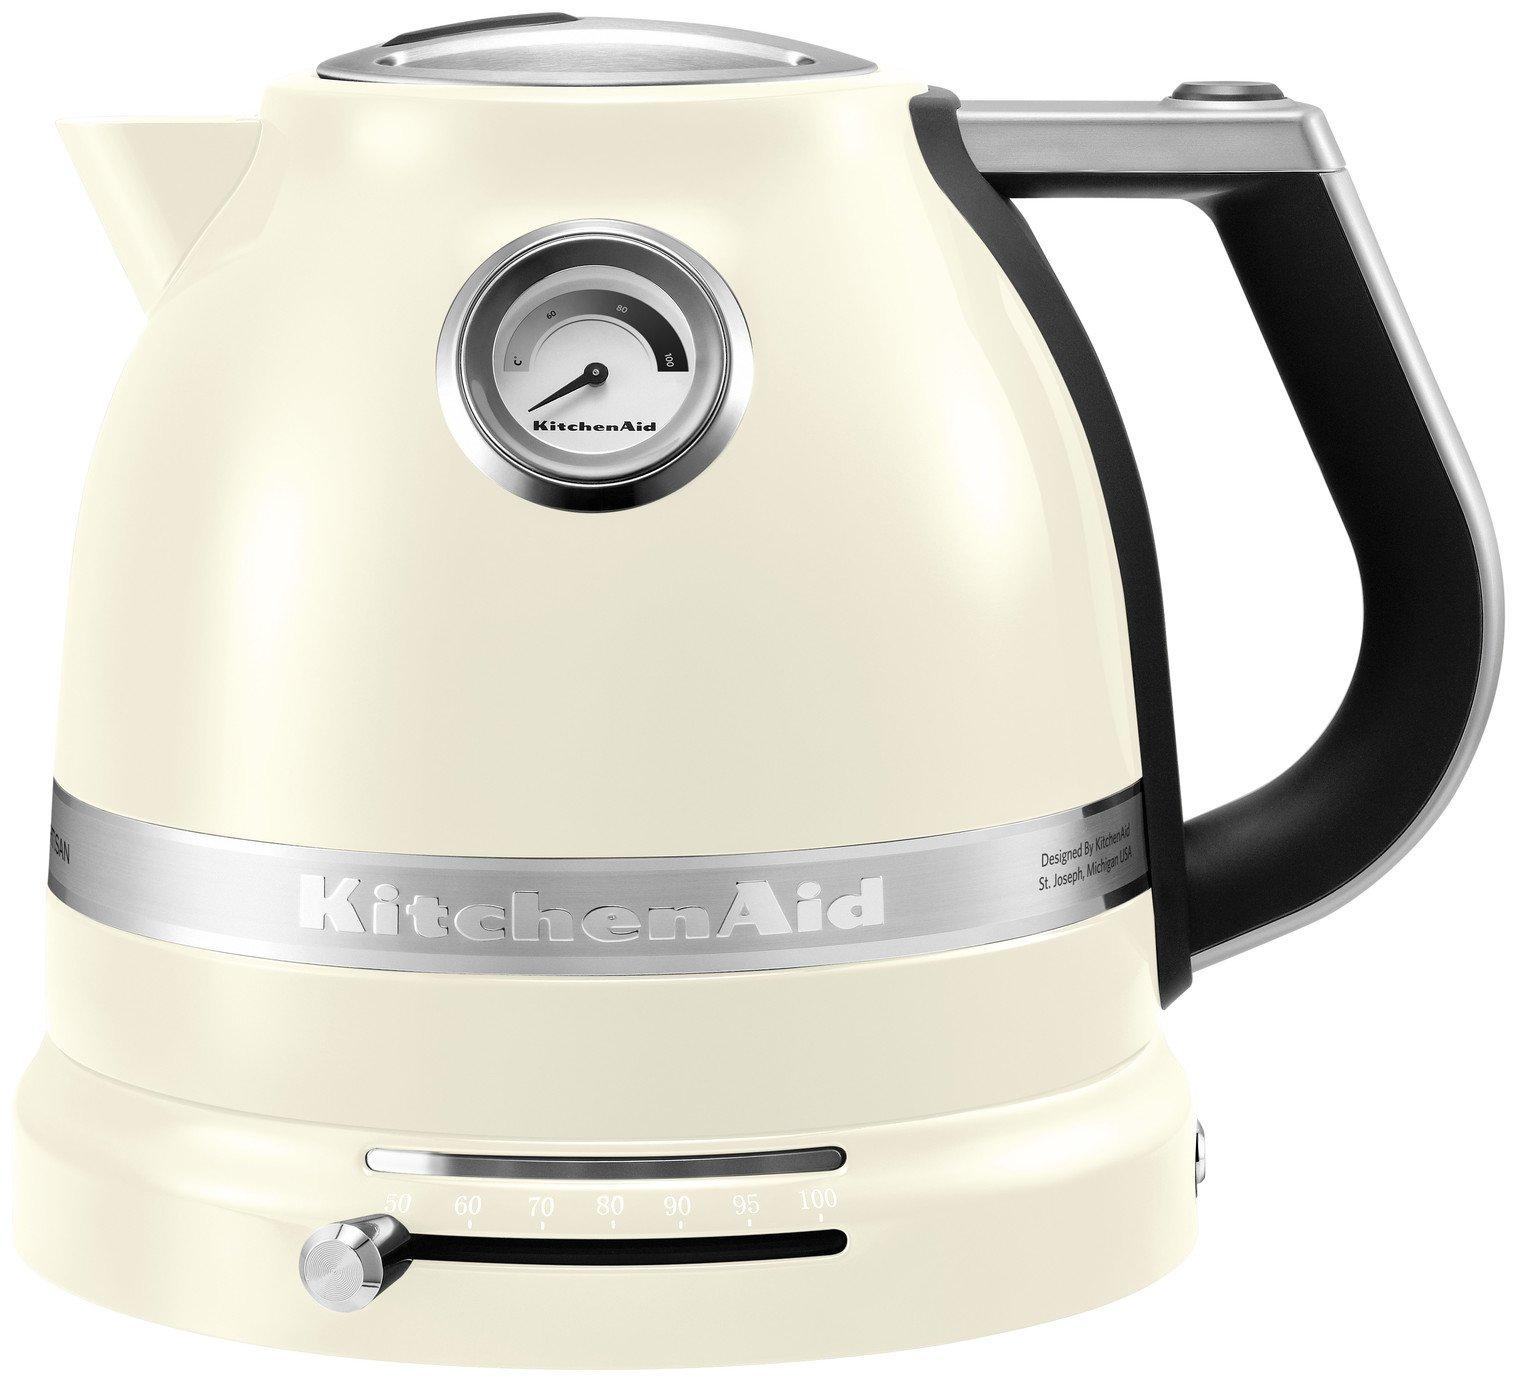 KitchenAid 5KEK1522BAC Artisan Kettle - Cream